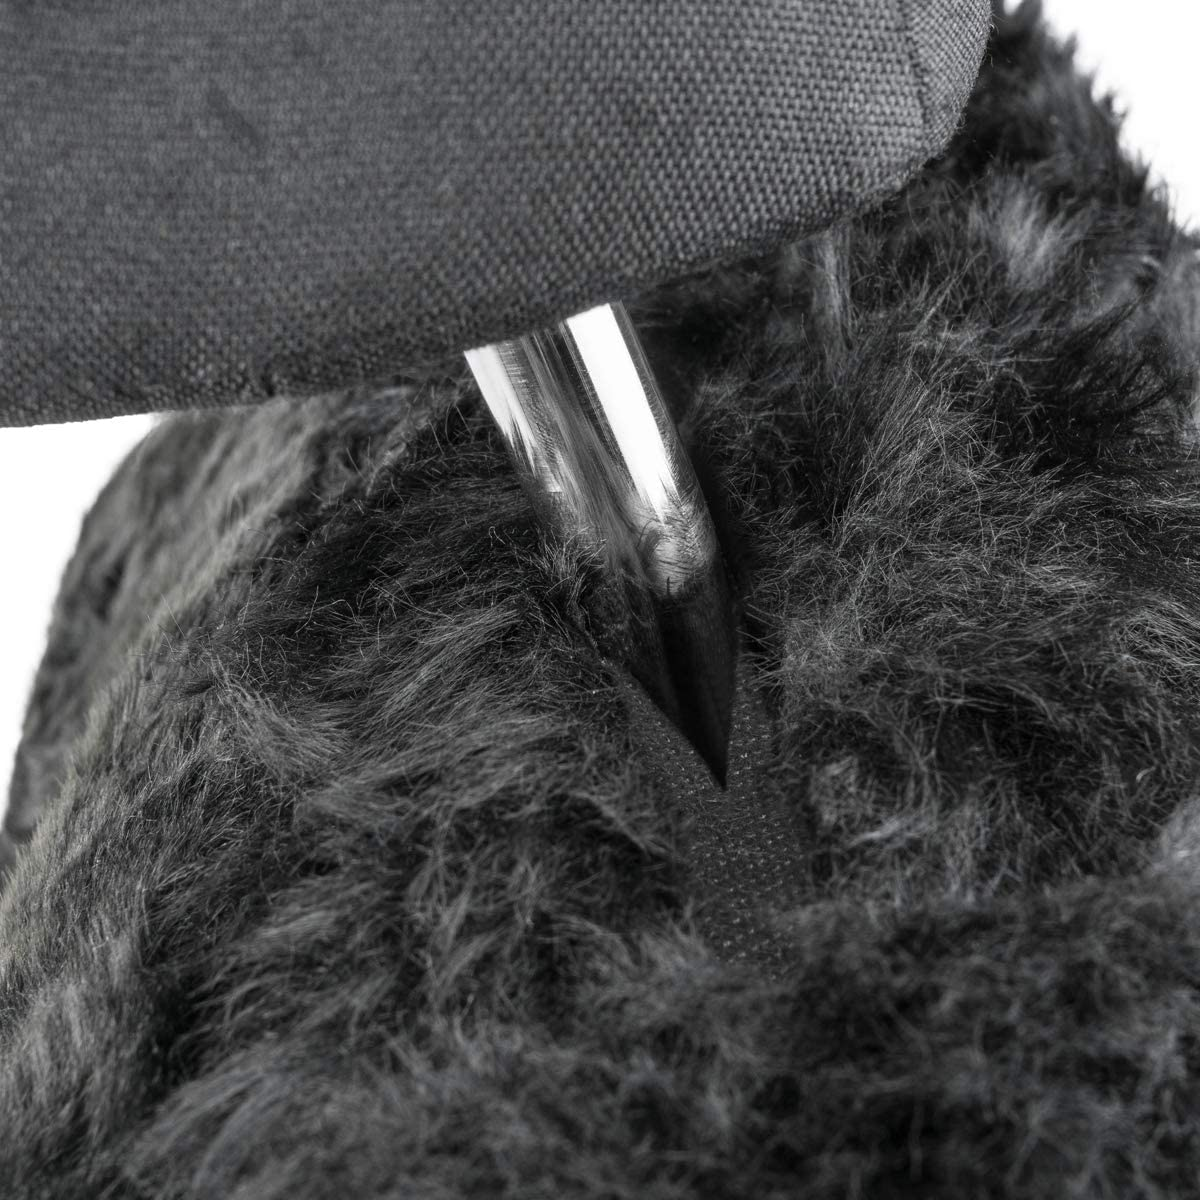 ABE sans Patchwork Housse compl/ète avec Licence g/én/érale dexploitation Taille Universelle Couleur Noire Housse dassise en Agneau Torrex/®